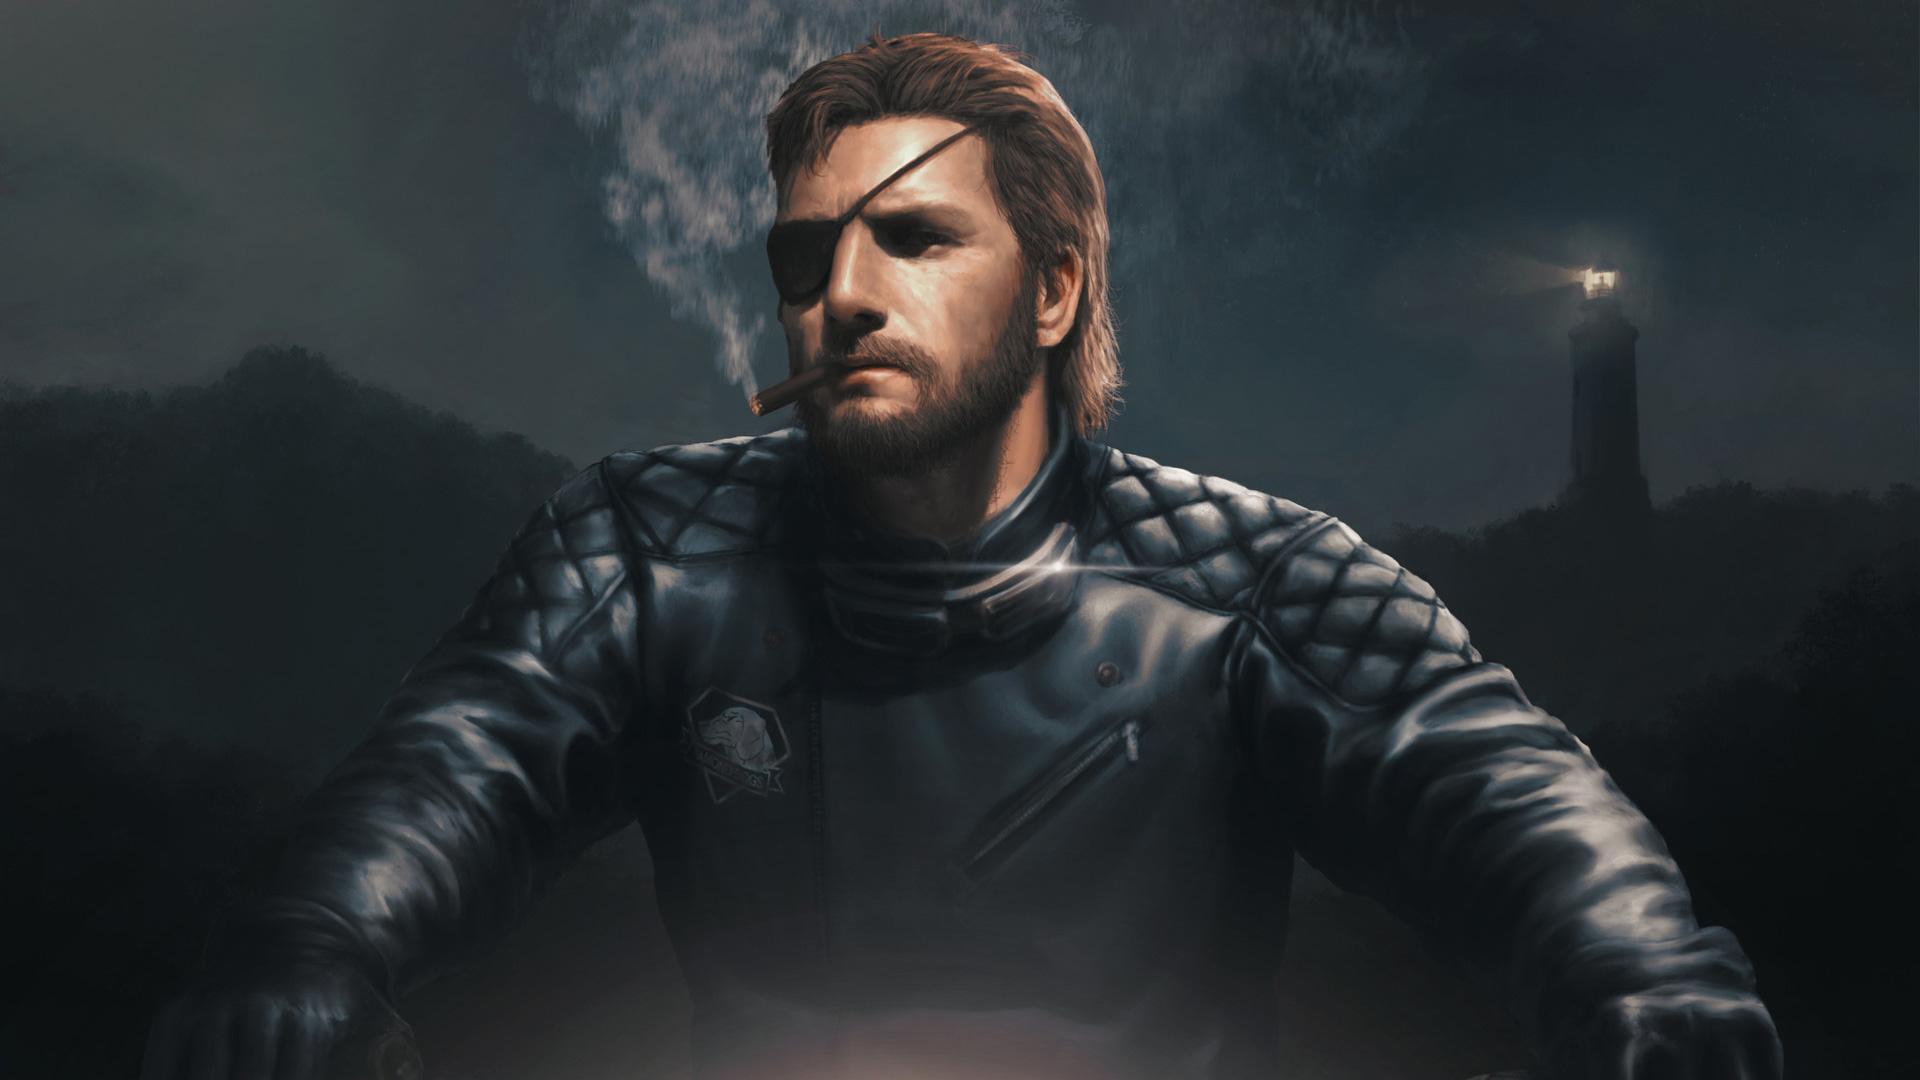 Metal Gear Solid V The Phantom Pain Fan Art Hd Games 4k